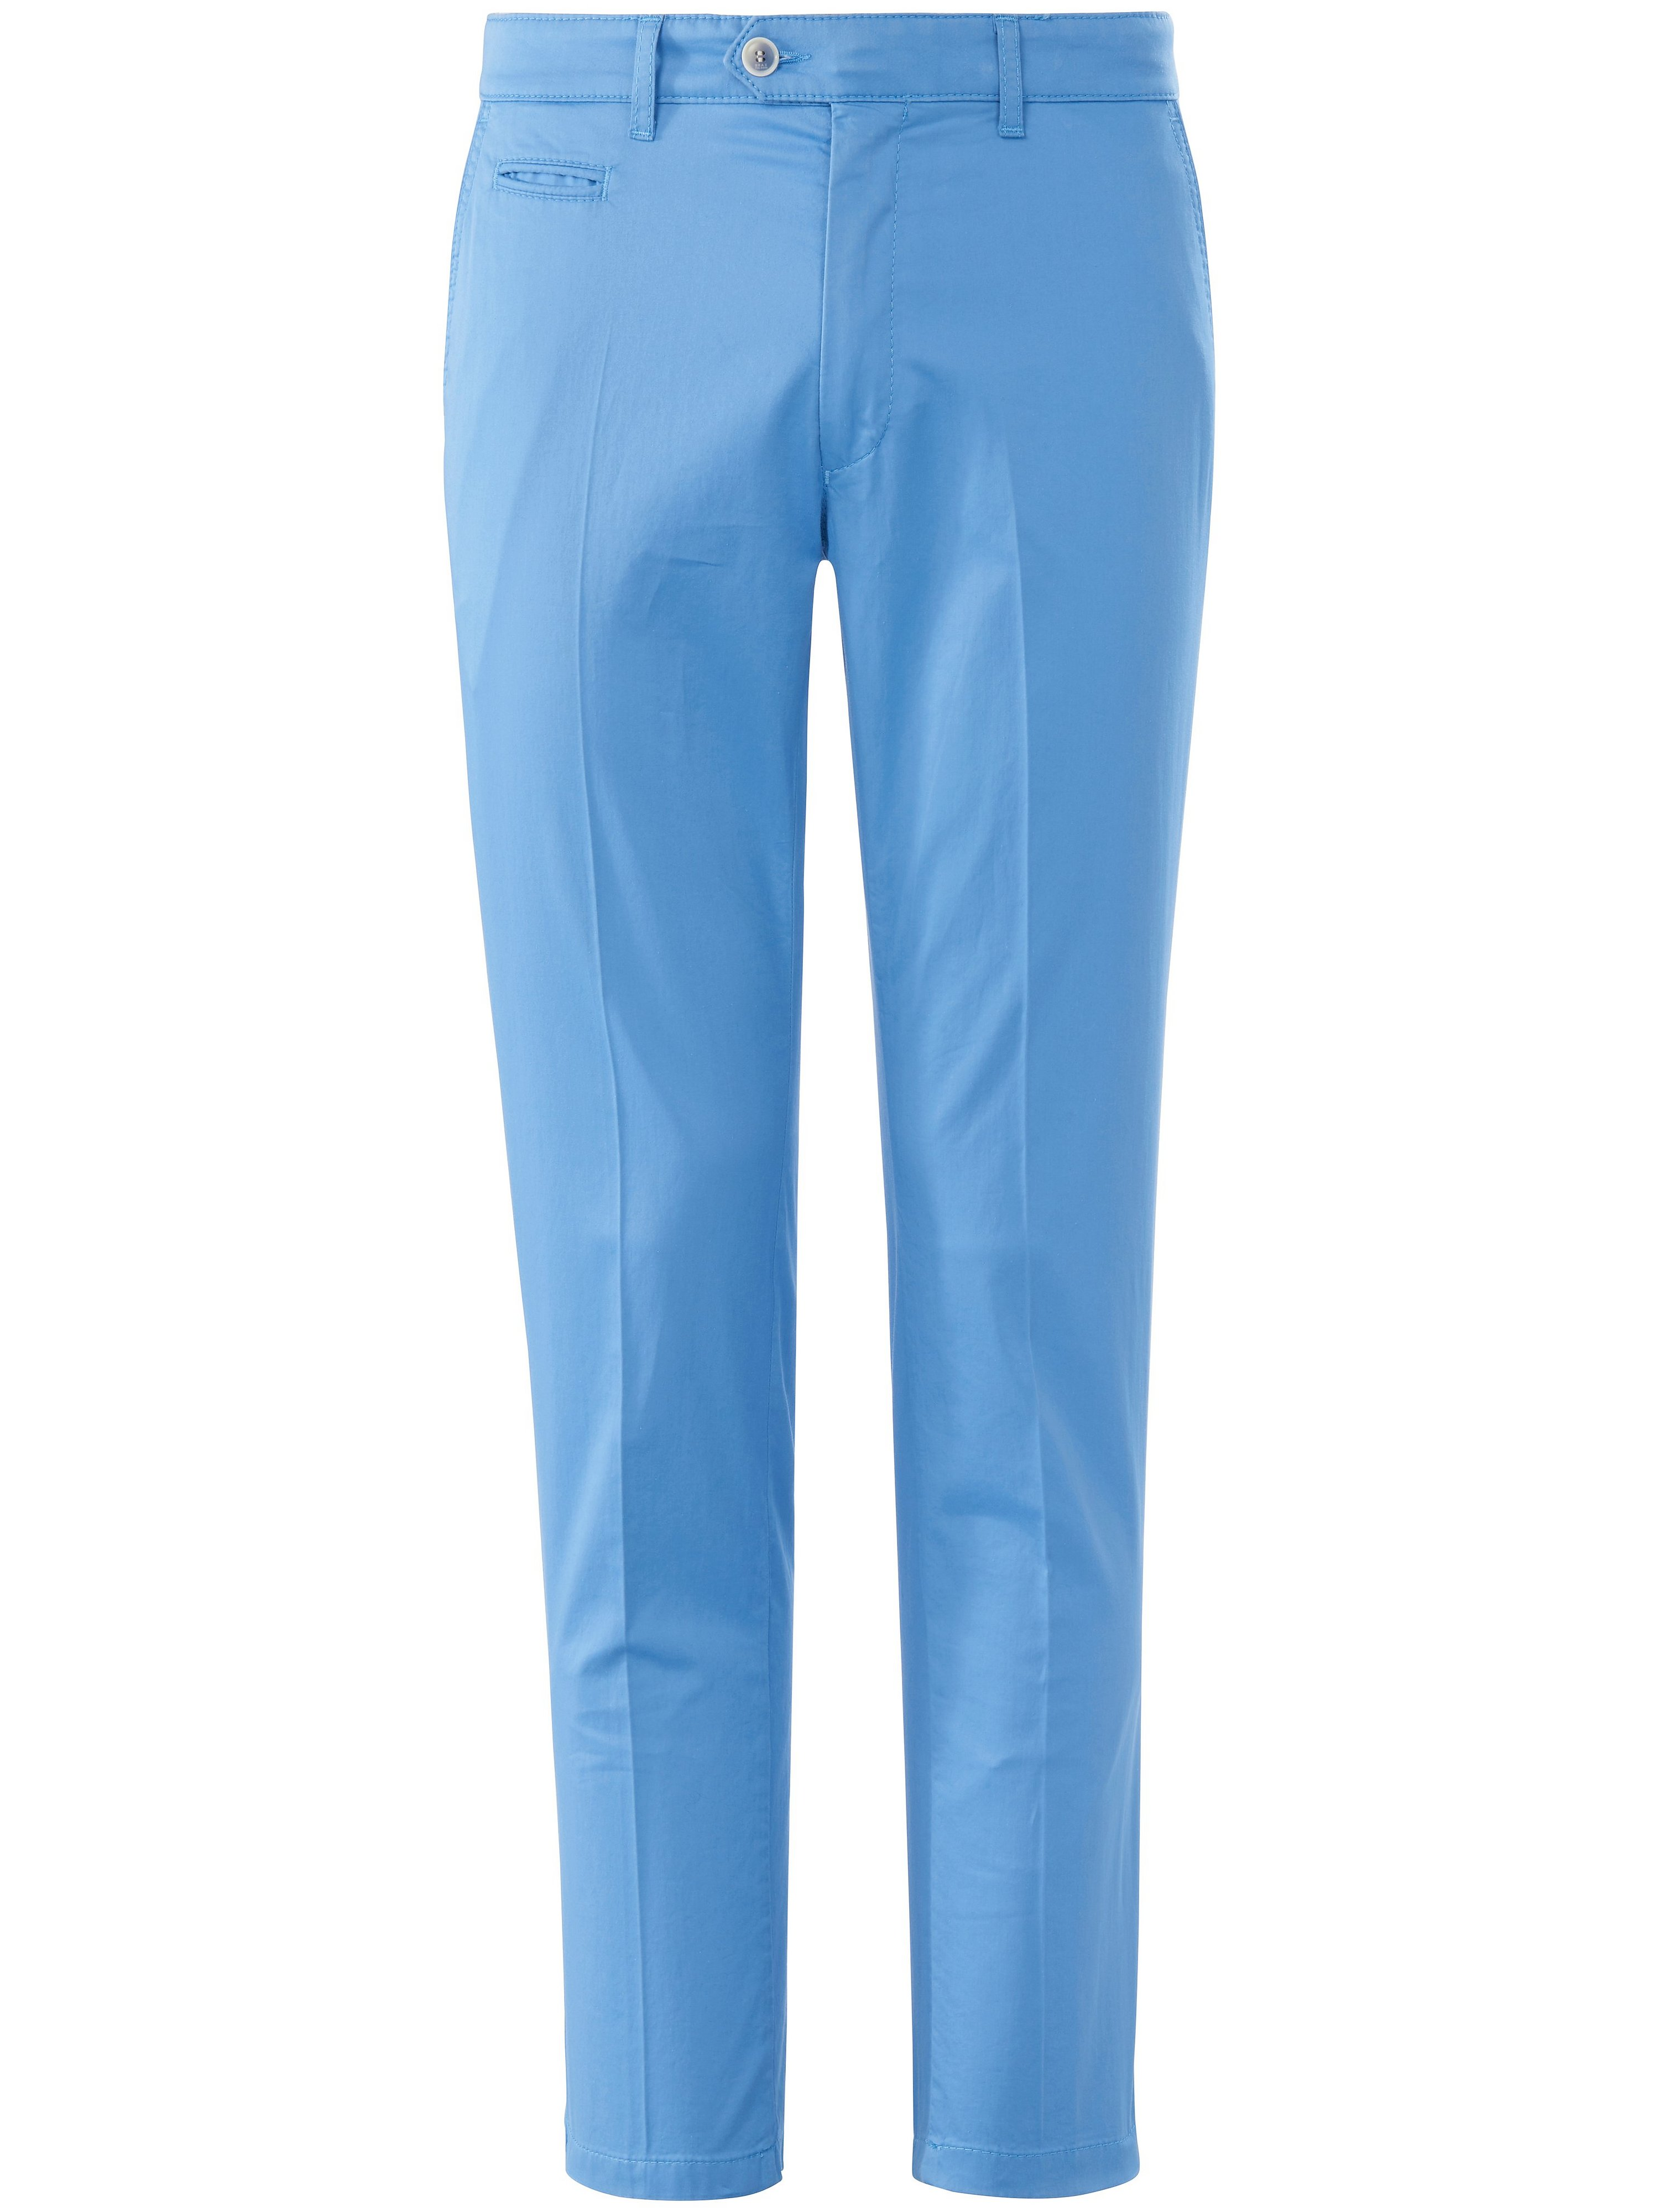 'Regular Fit'-broek model Everest Ultralight Van Brax Feel Good blauw